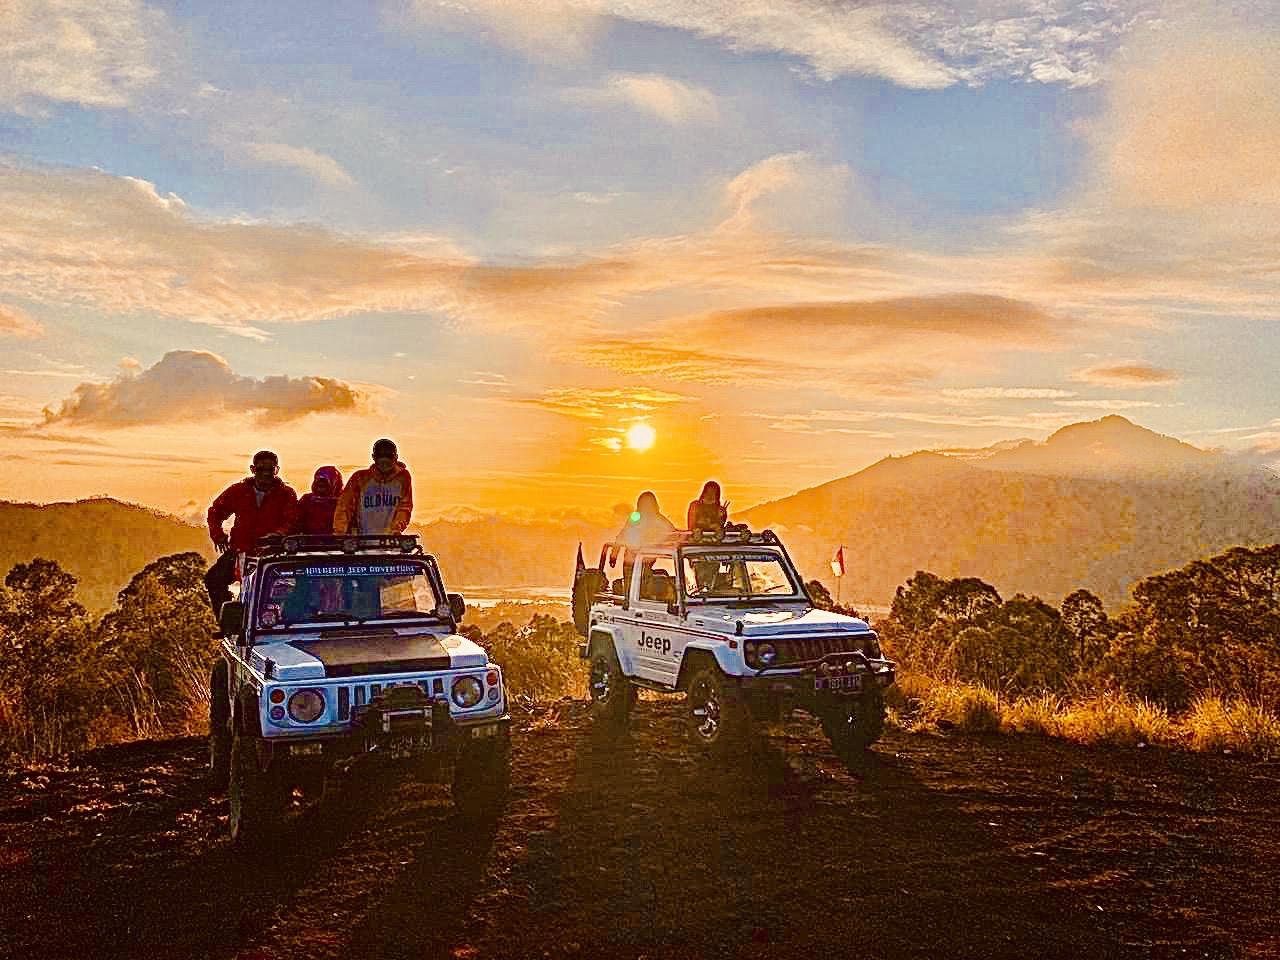 Batur Sunrise Volcano Jeep Tour